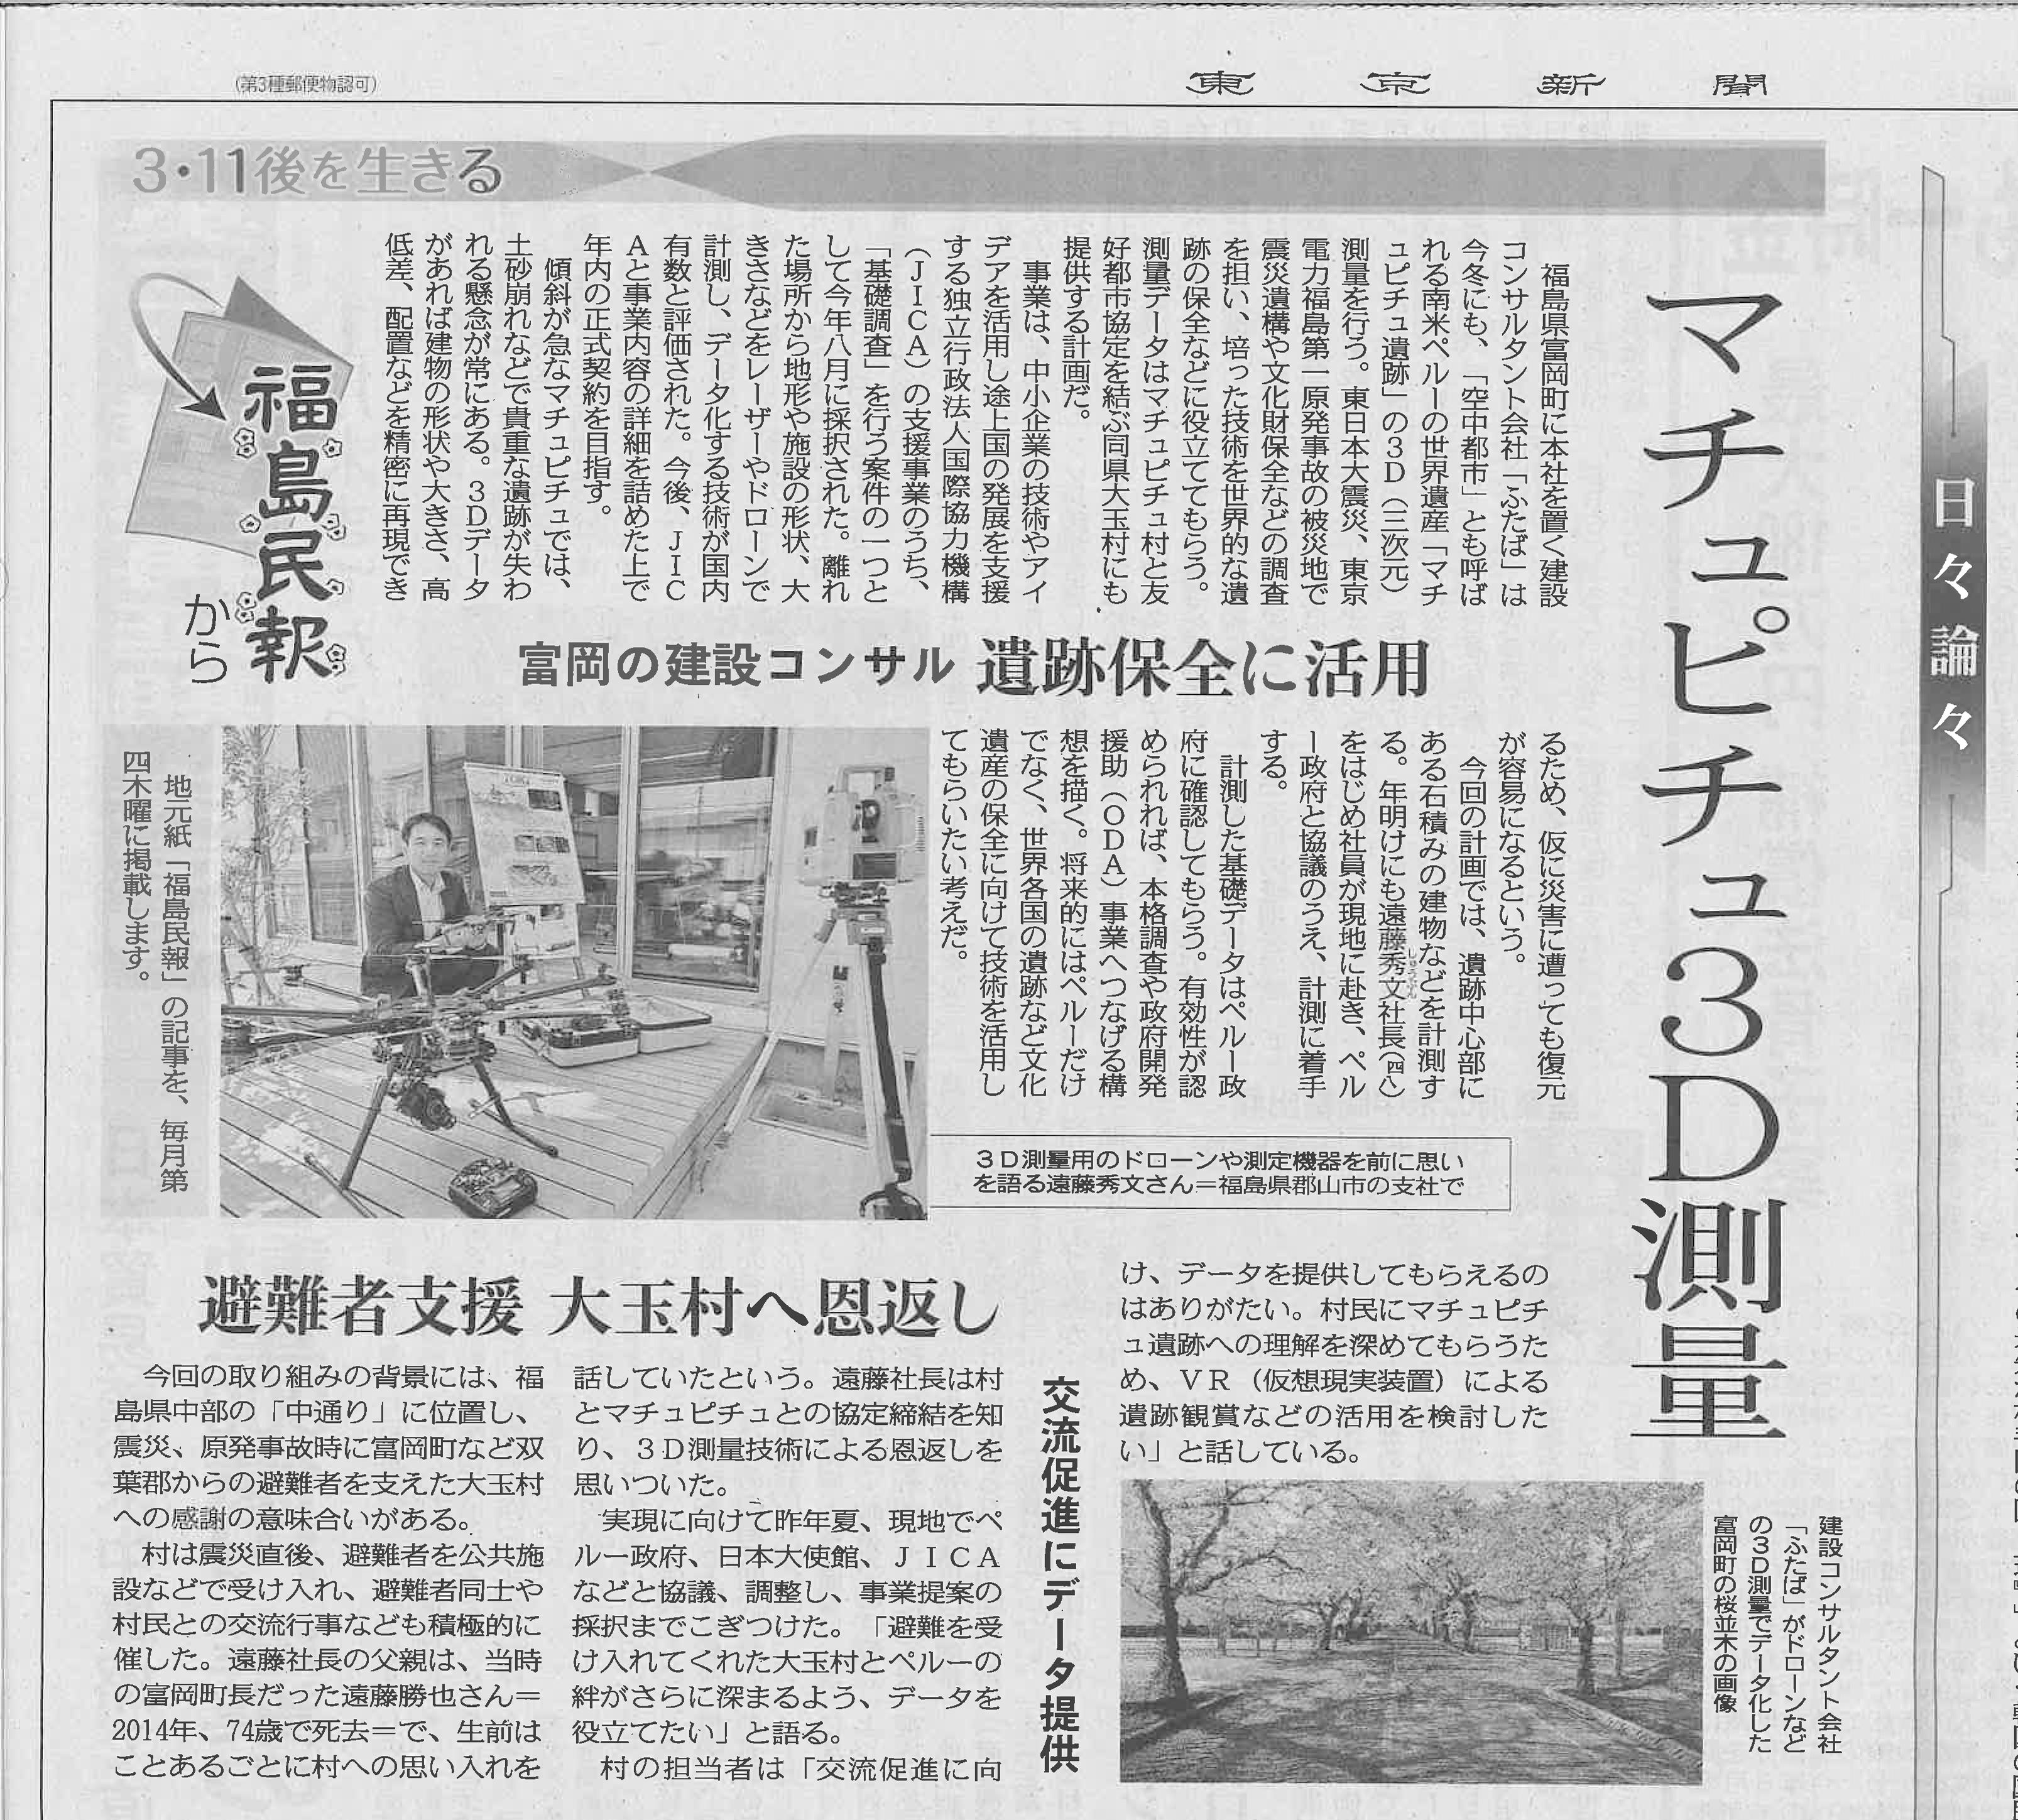 【東京新聞】に掲載されました。の画像